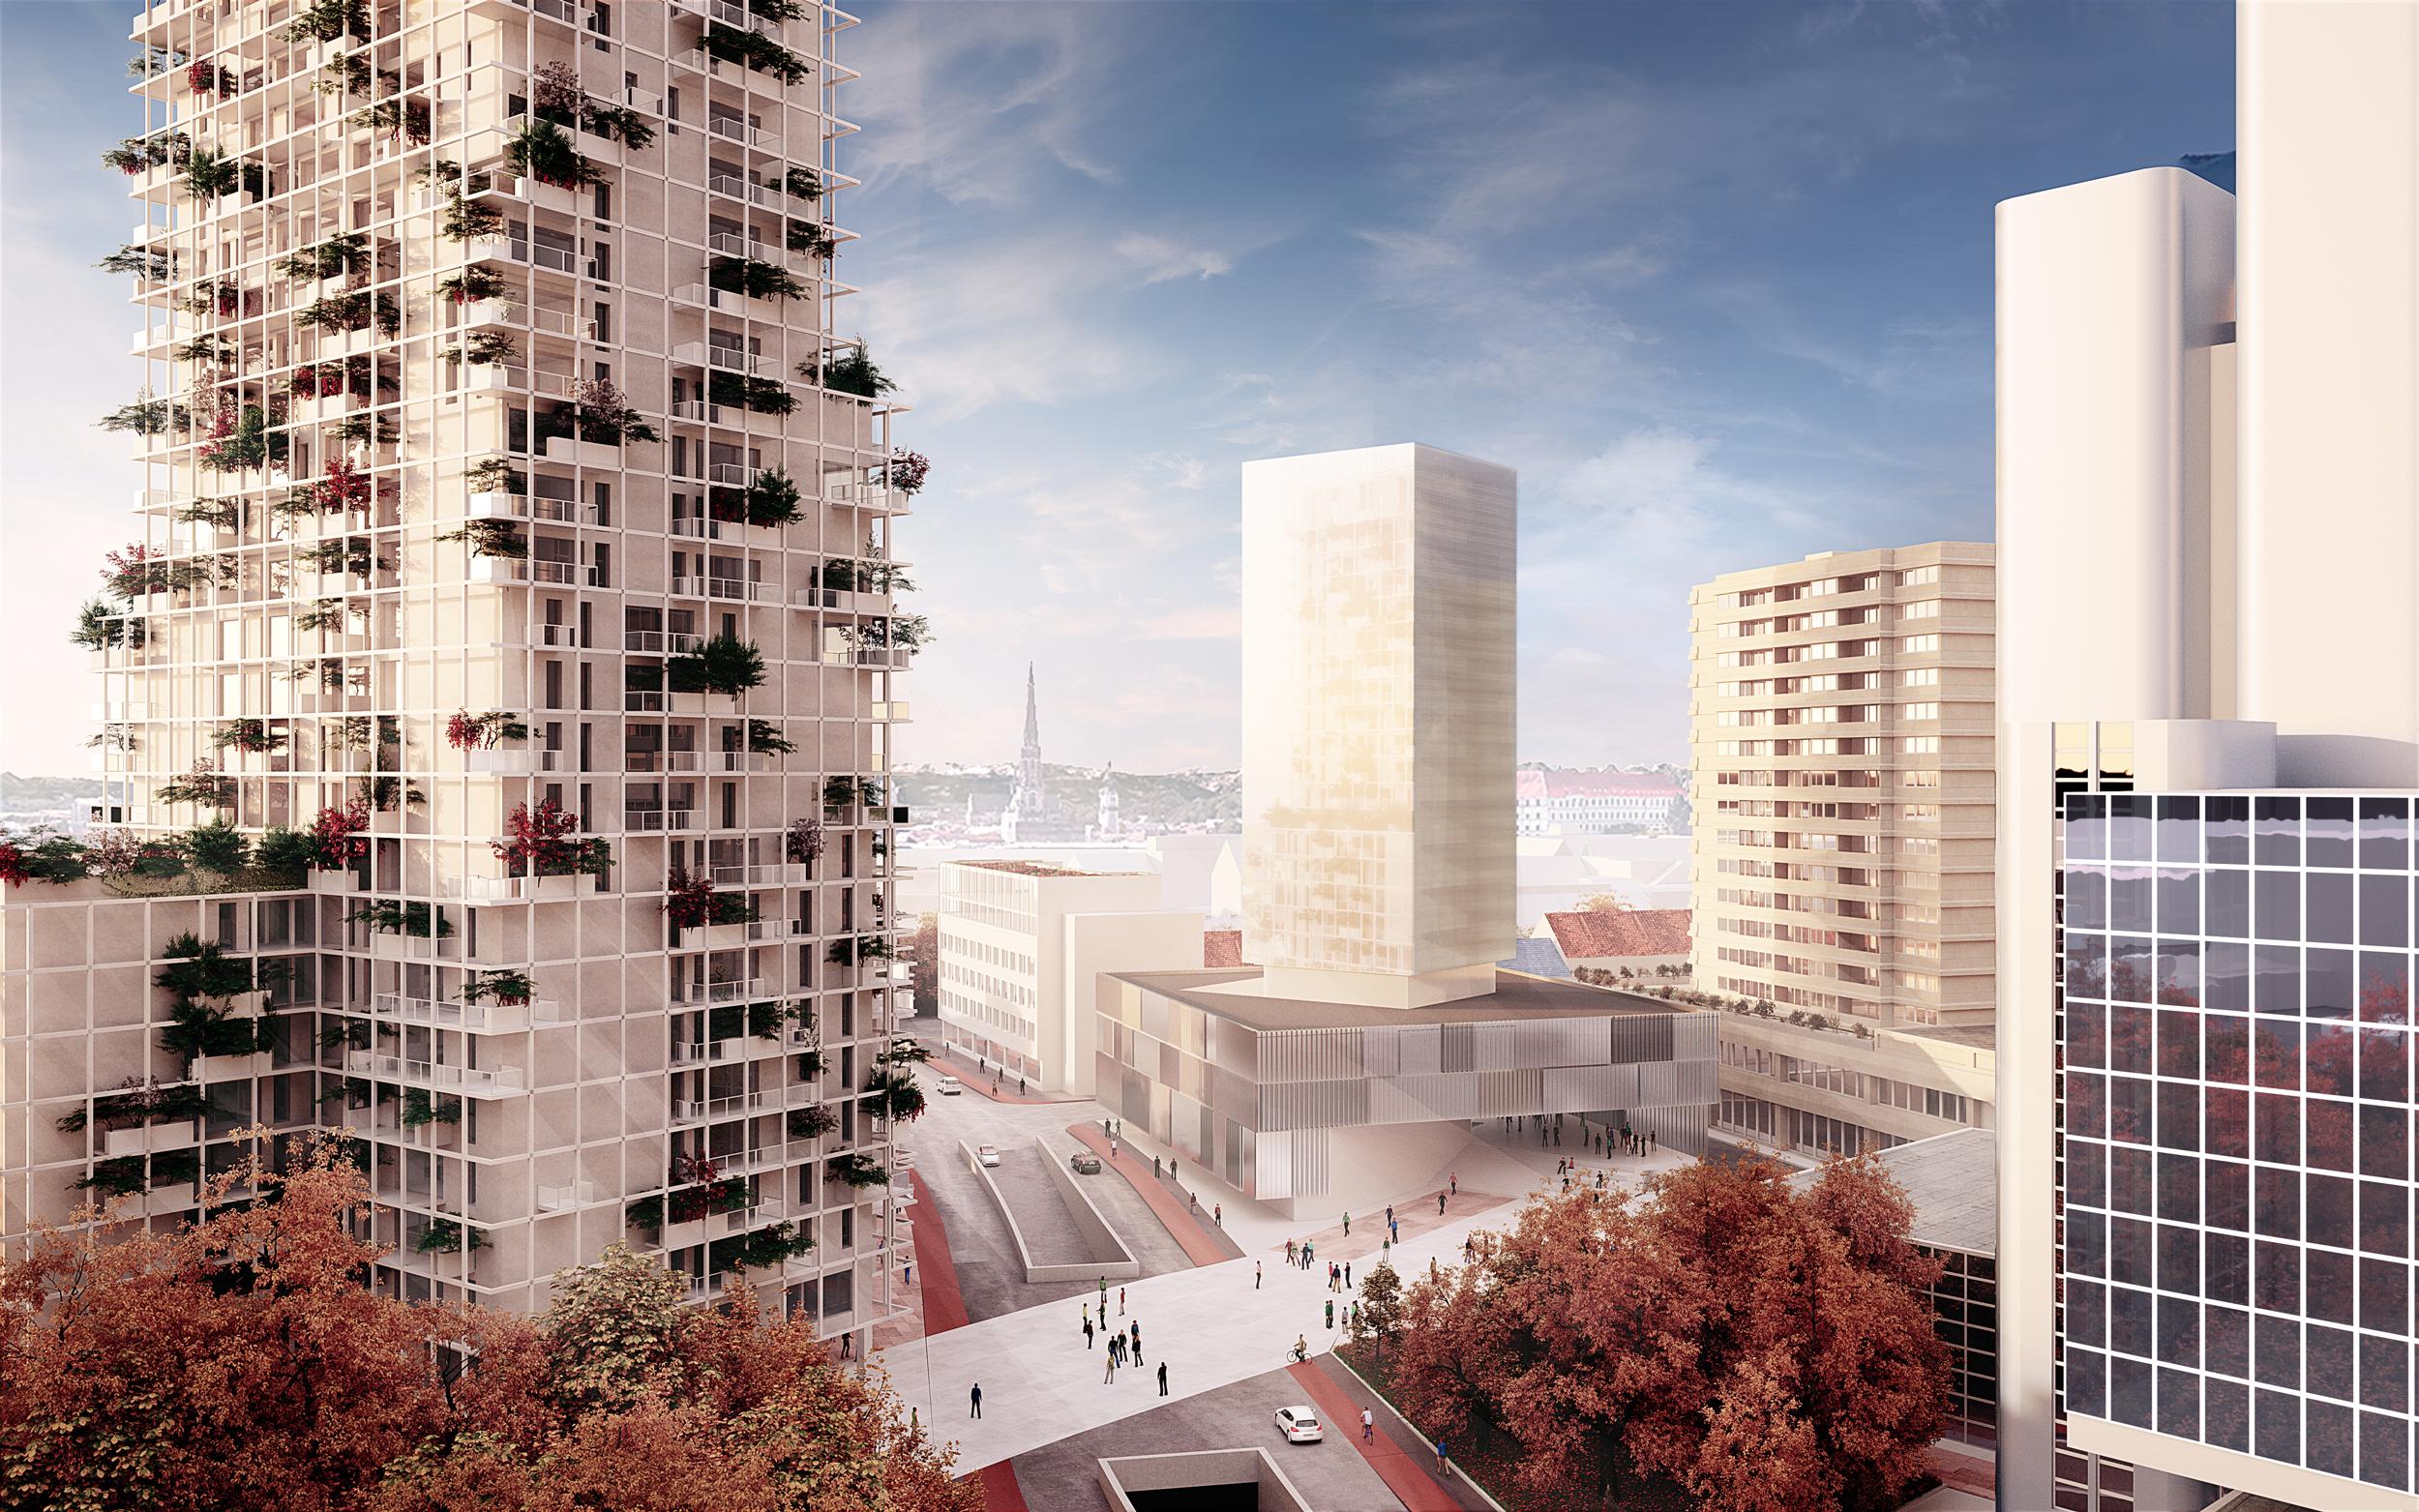 1646_WB-Bruckner-Towers-Linz_Schaubild-2